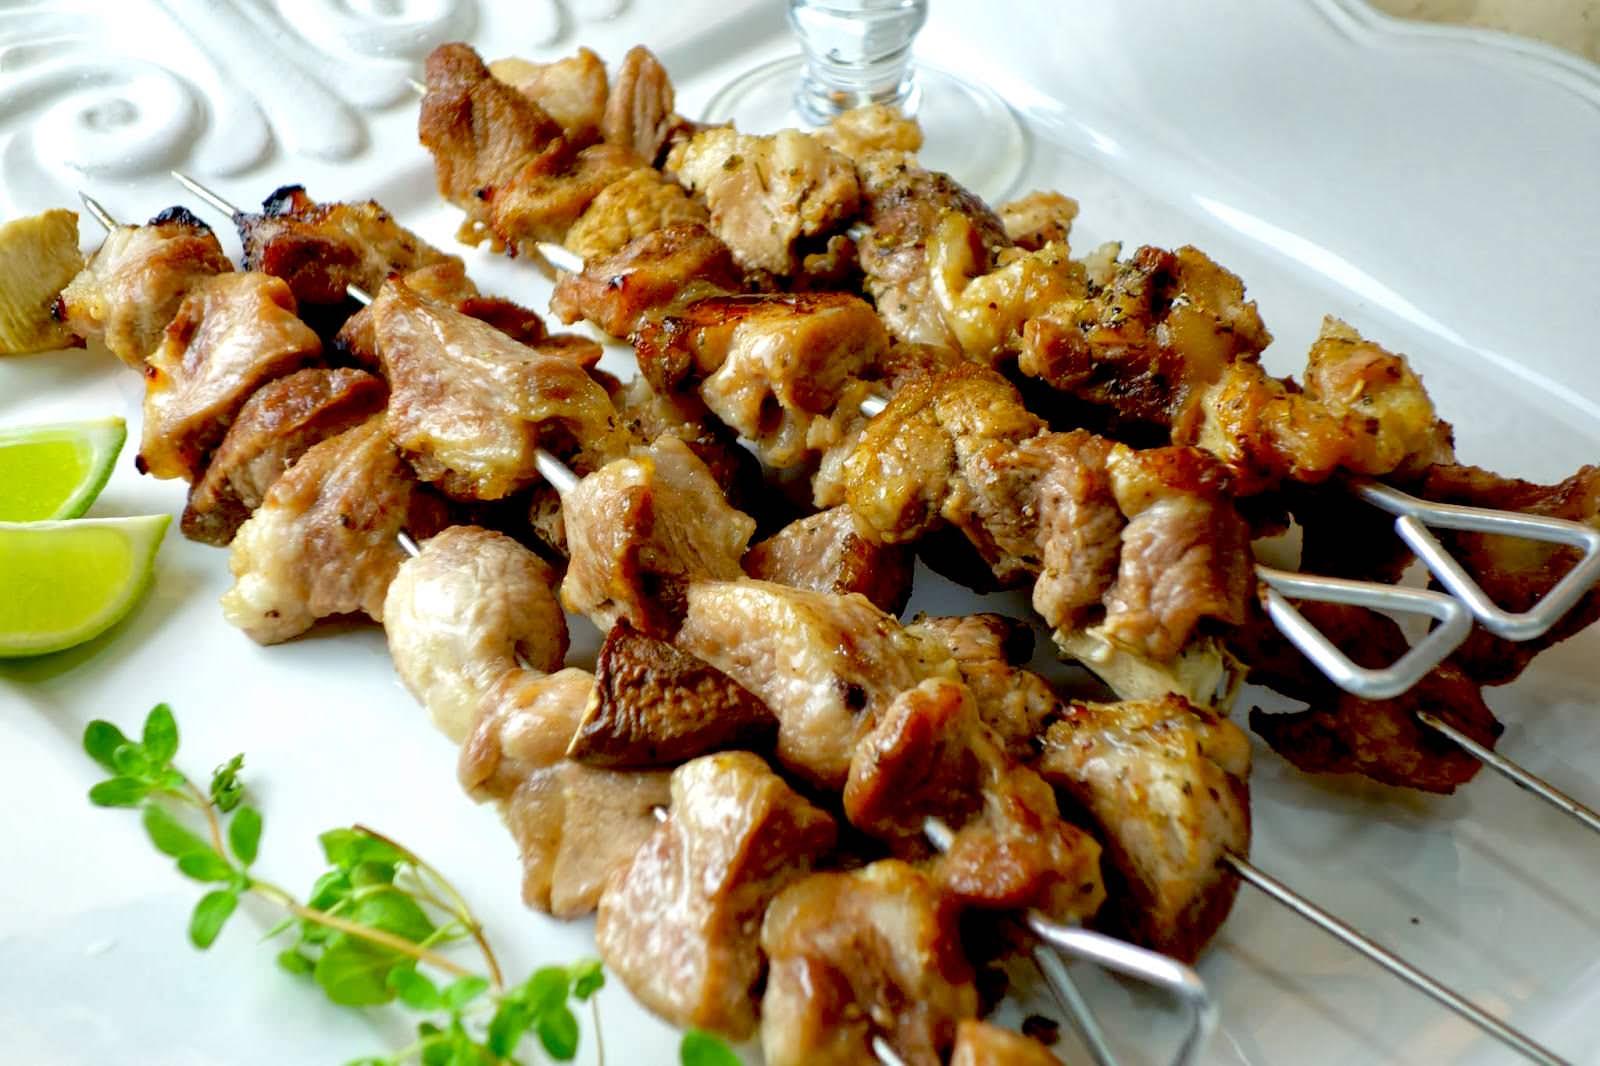 自製美味多汁的「鹽麴串烤豬肉」有什麼秘方?一個烤箱就能搞定的美味大餐!